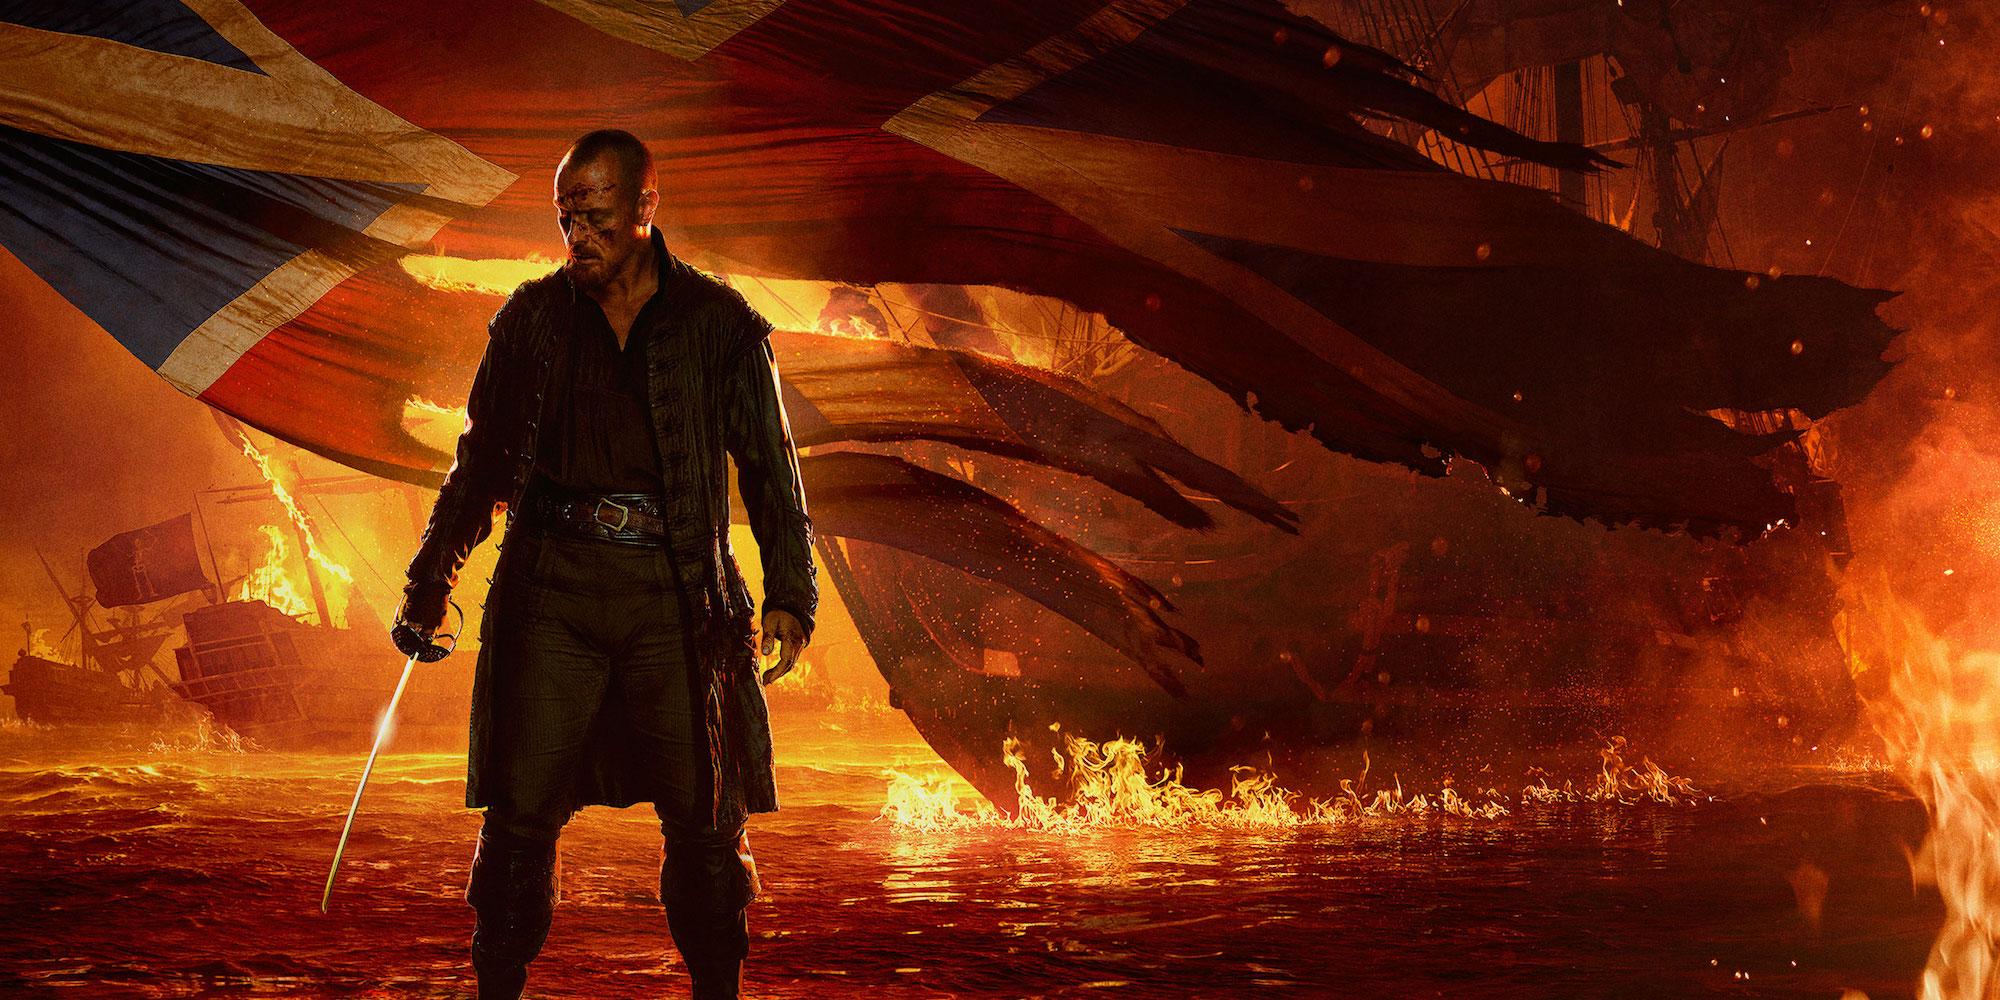 12 series truyền hình bạn nên xem cho đỡ ghiền sau kết thúc của Games Of Thrones mùa 7 - Ảnh 23.